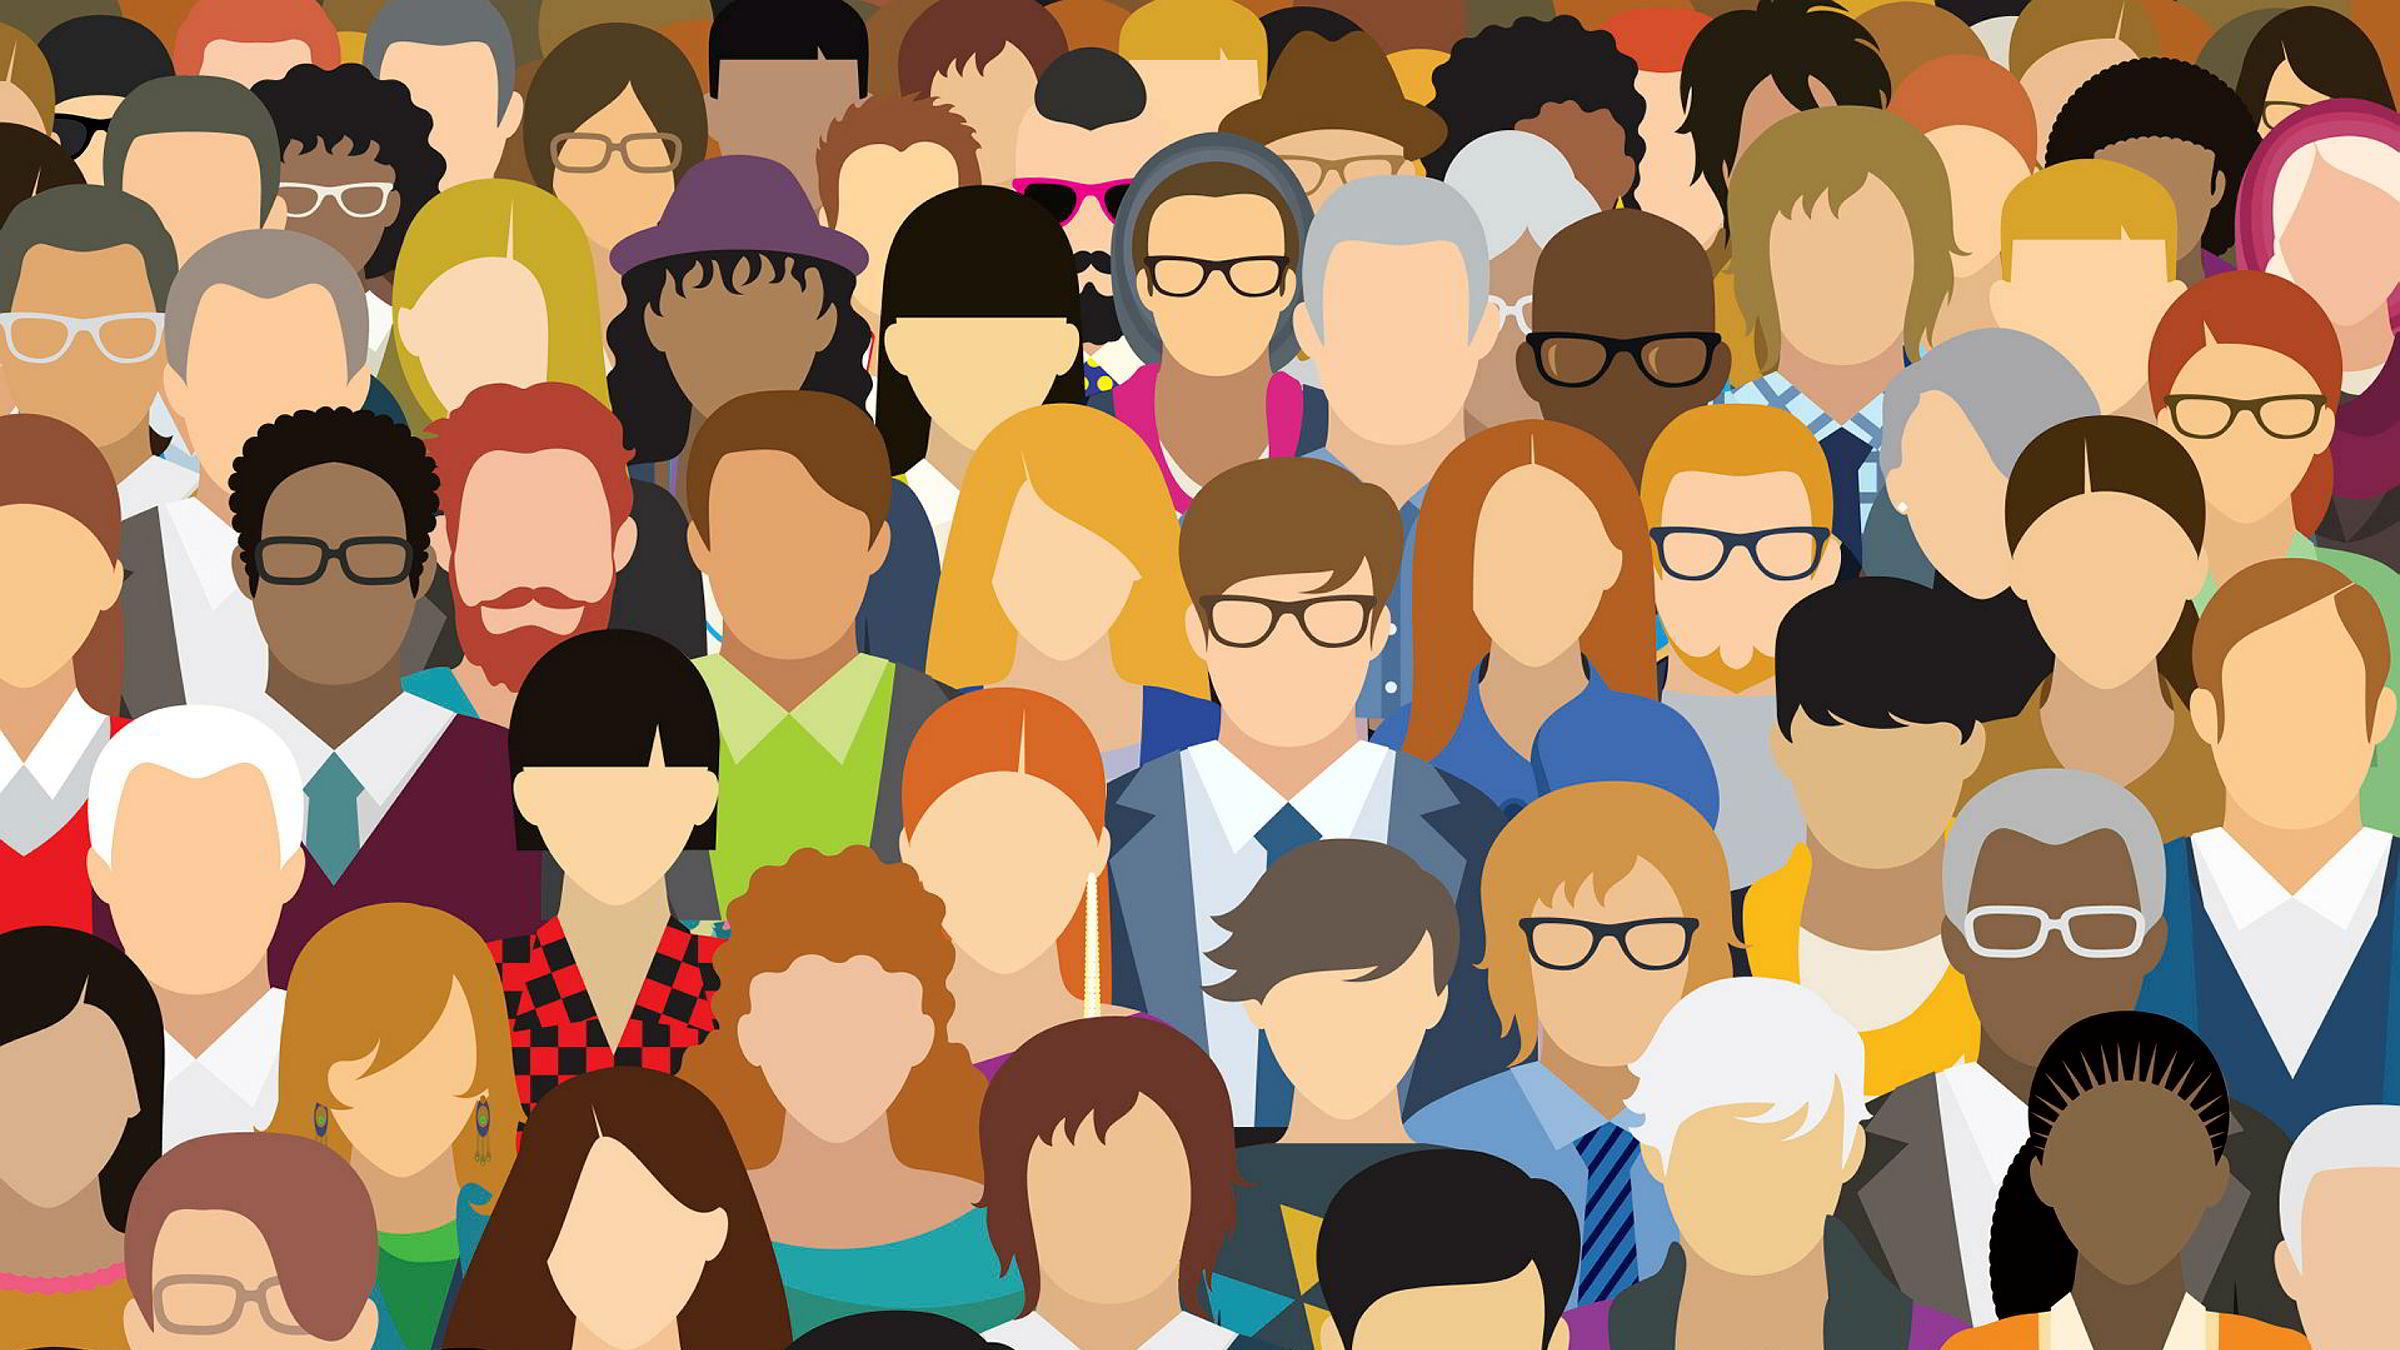 Er det på tide å kreve at beretningen tallfester aldersmangfold? Det ville gi verdifull kunnskap om tilstanden i ulike virksomheter og bransjer, og kunne blant annet bidratt til mer kunnskap om verdien av aldersmangfold.